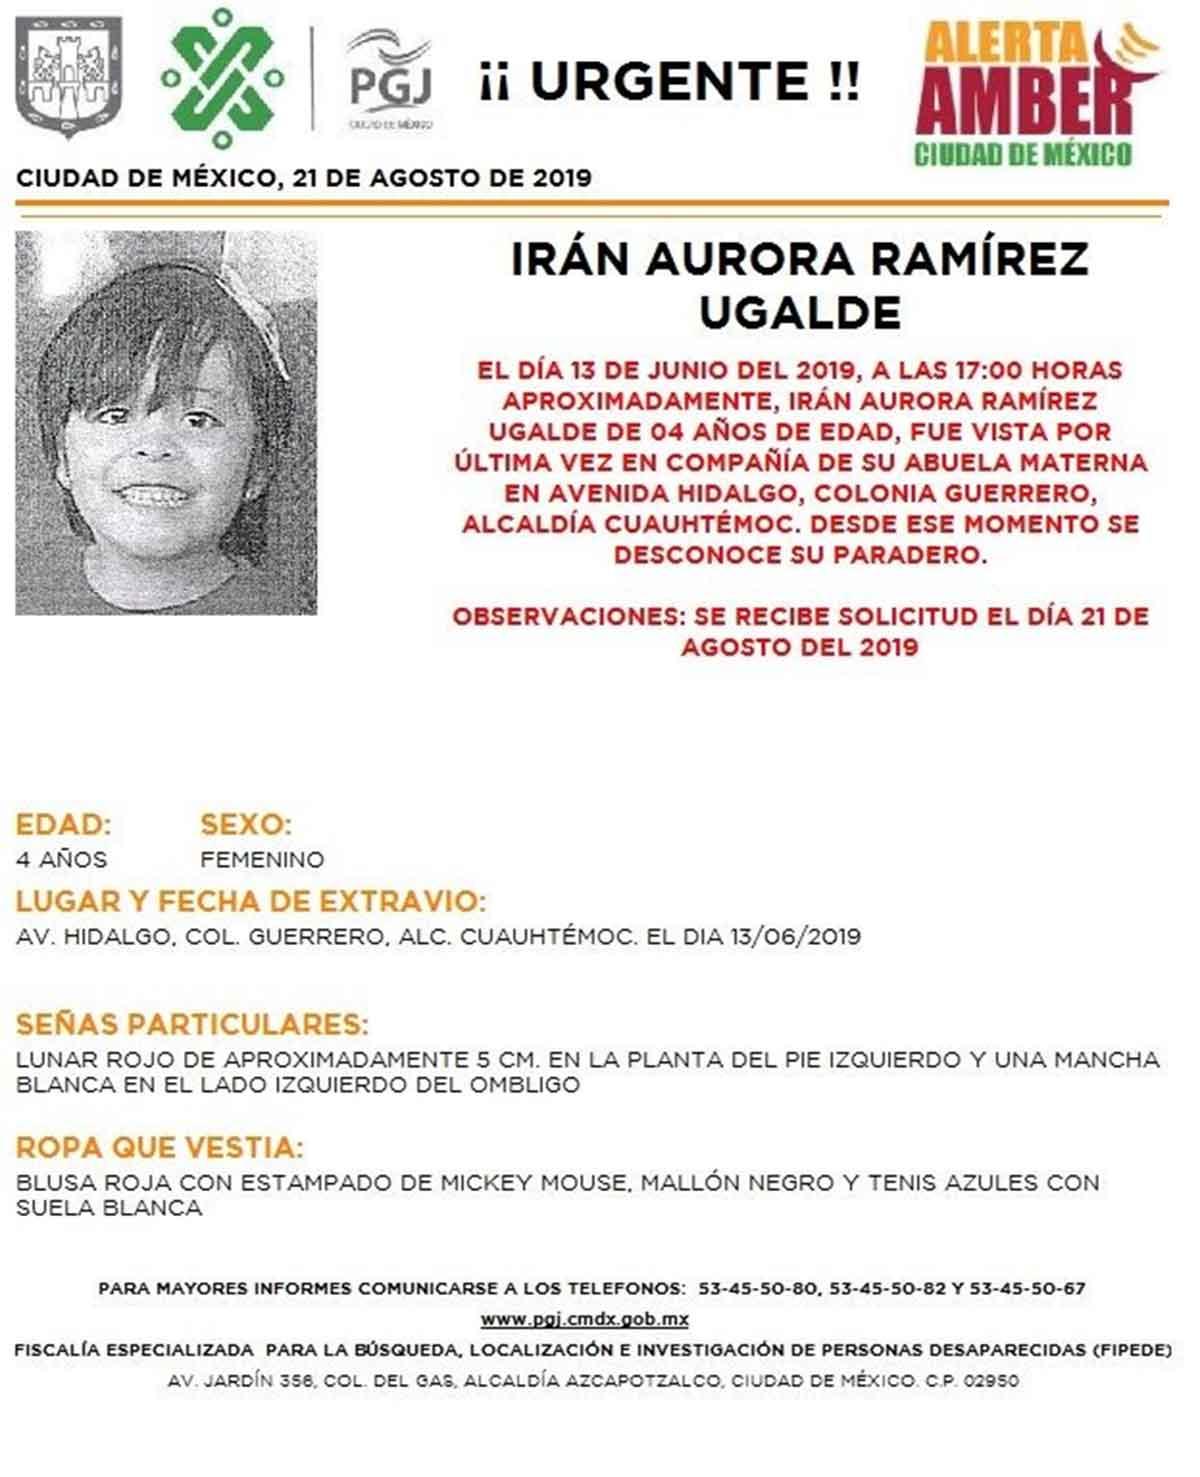 Irán Aurora Ramírez Ugalde desapareció desde el 13 de junio.